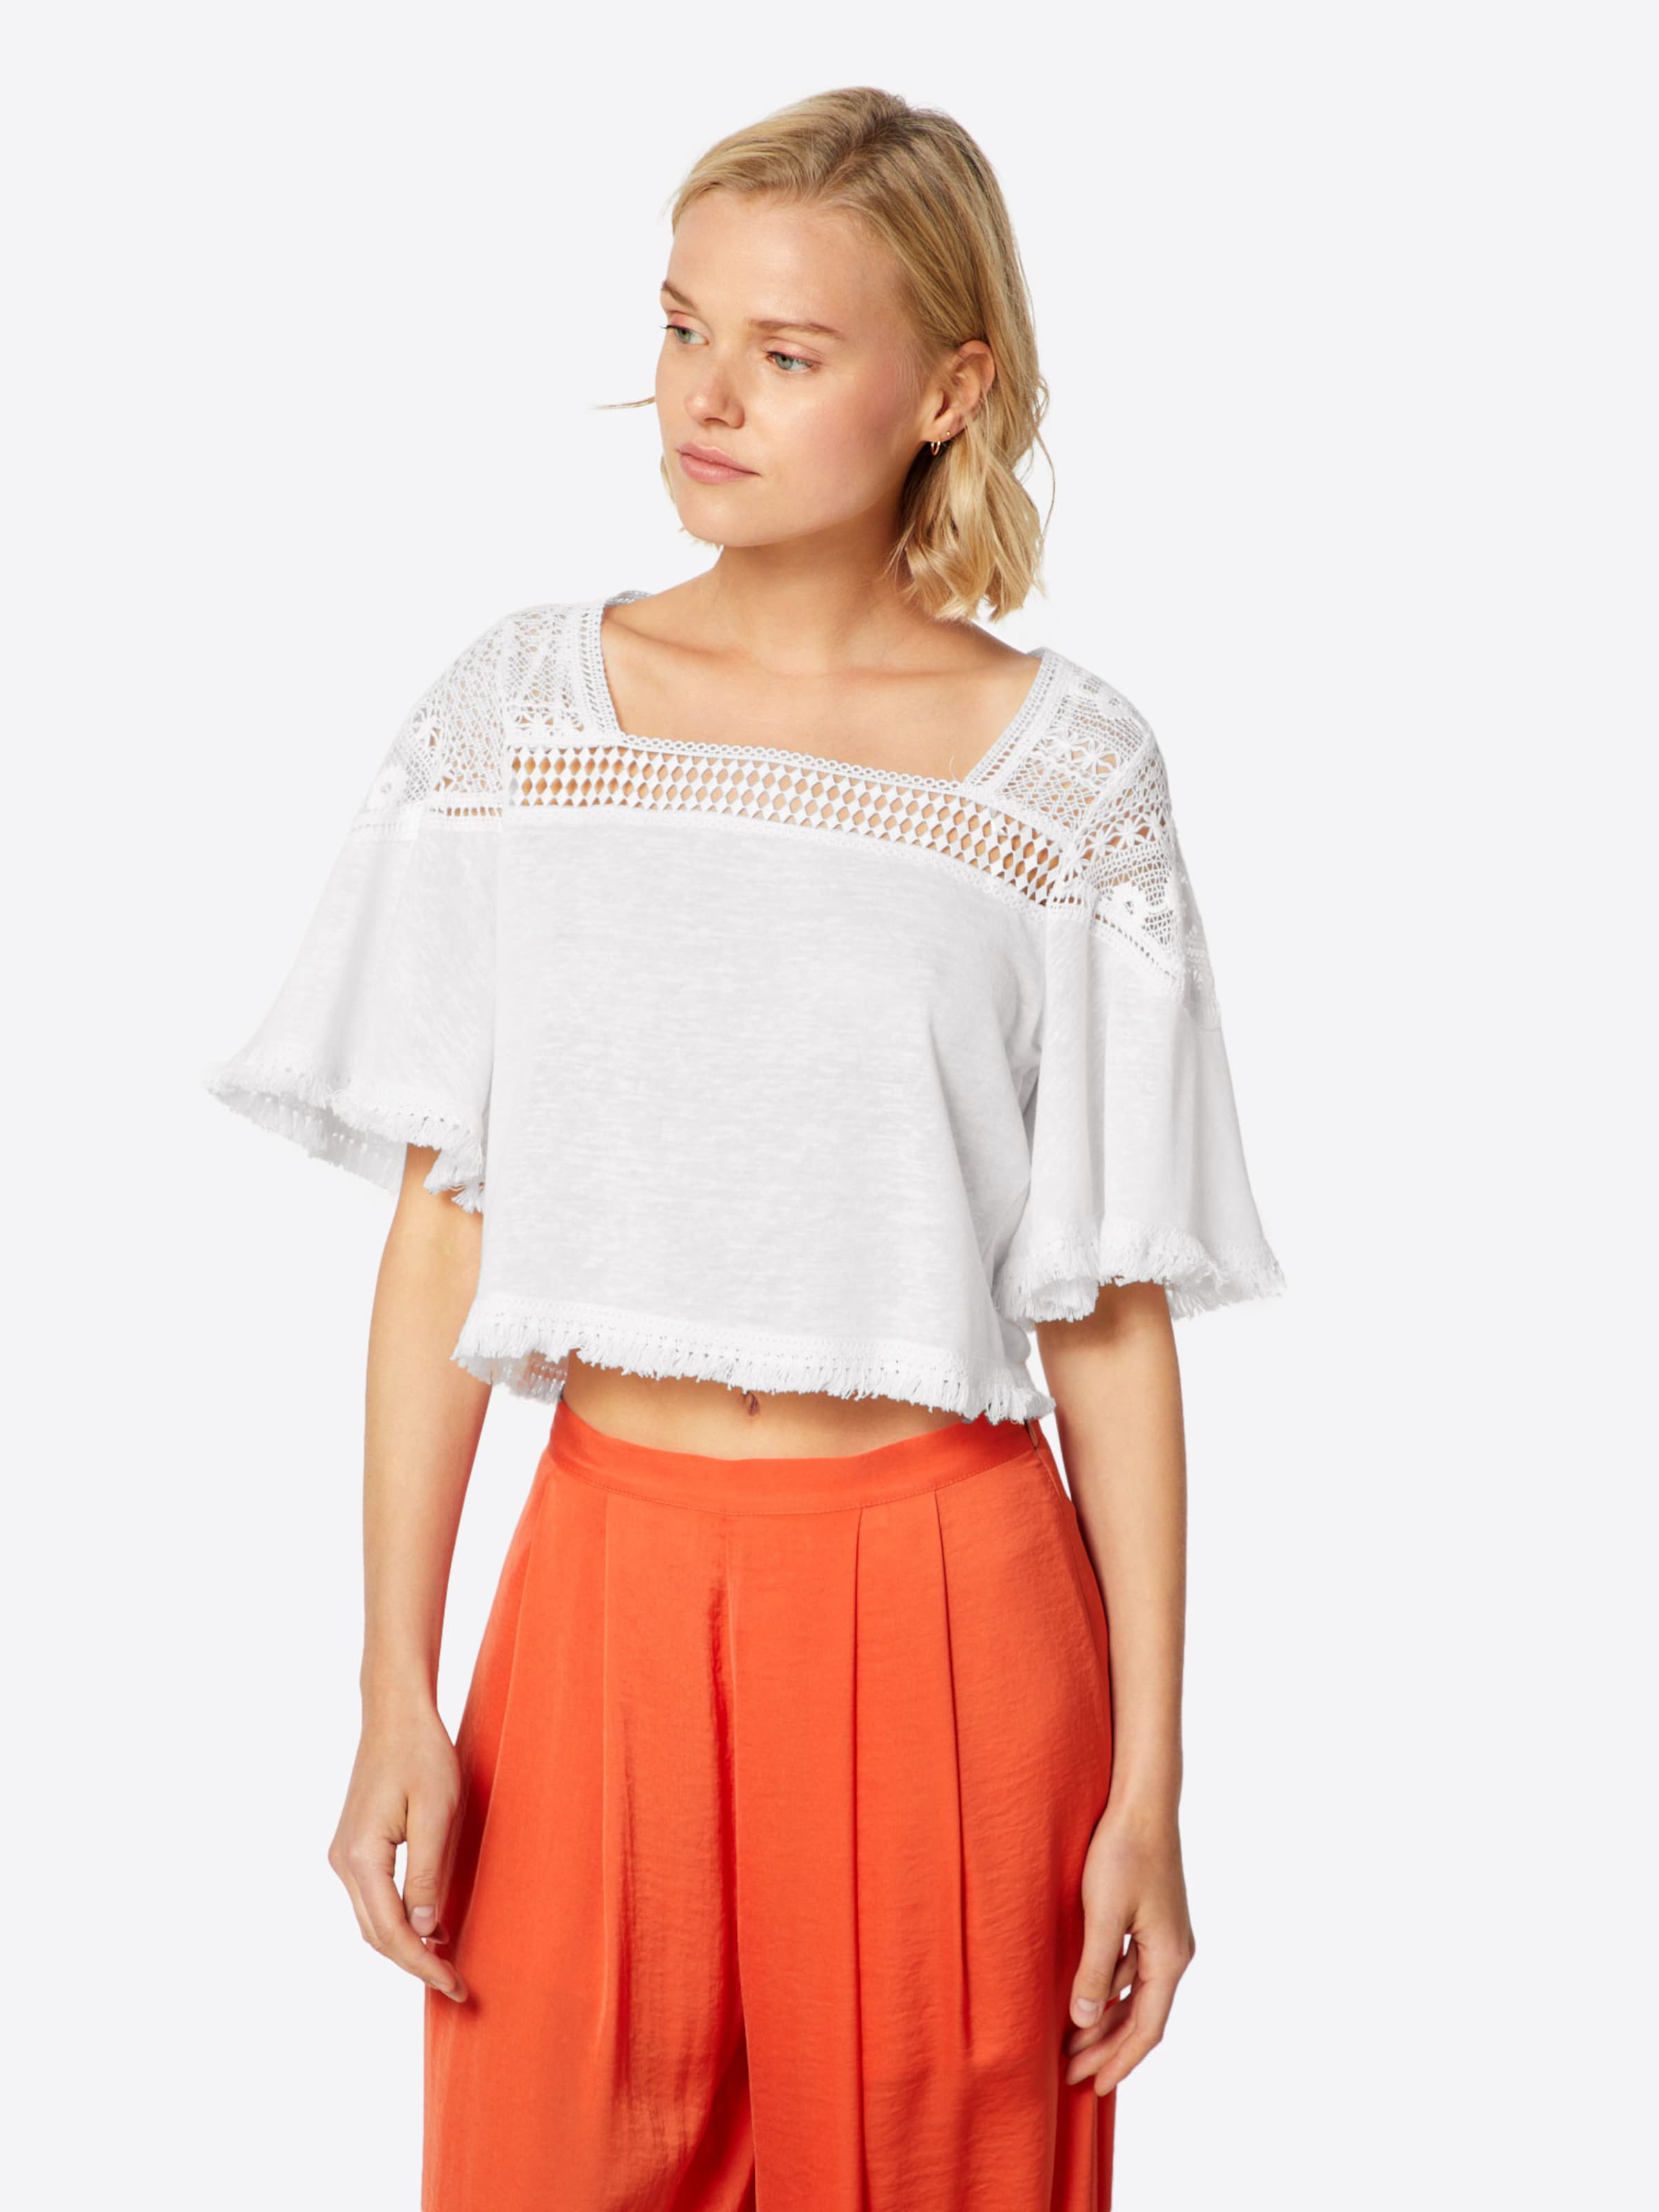 Blanc New Look shirt T En AR3L5jq4